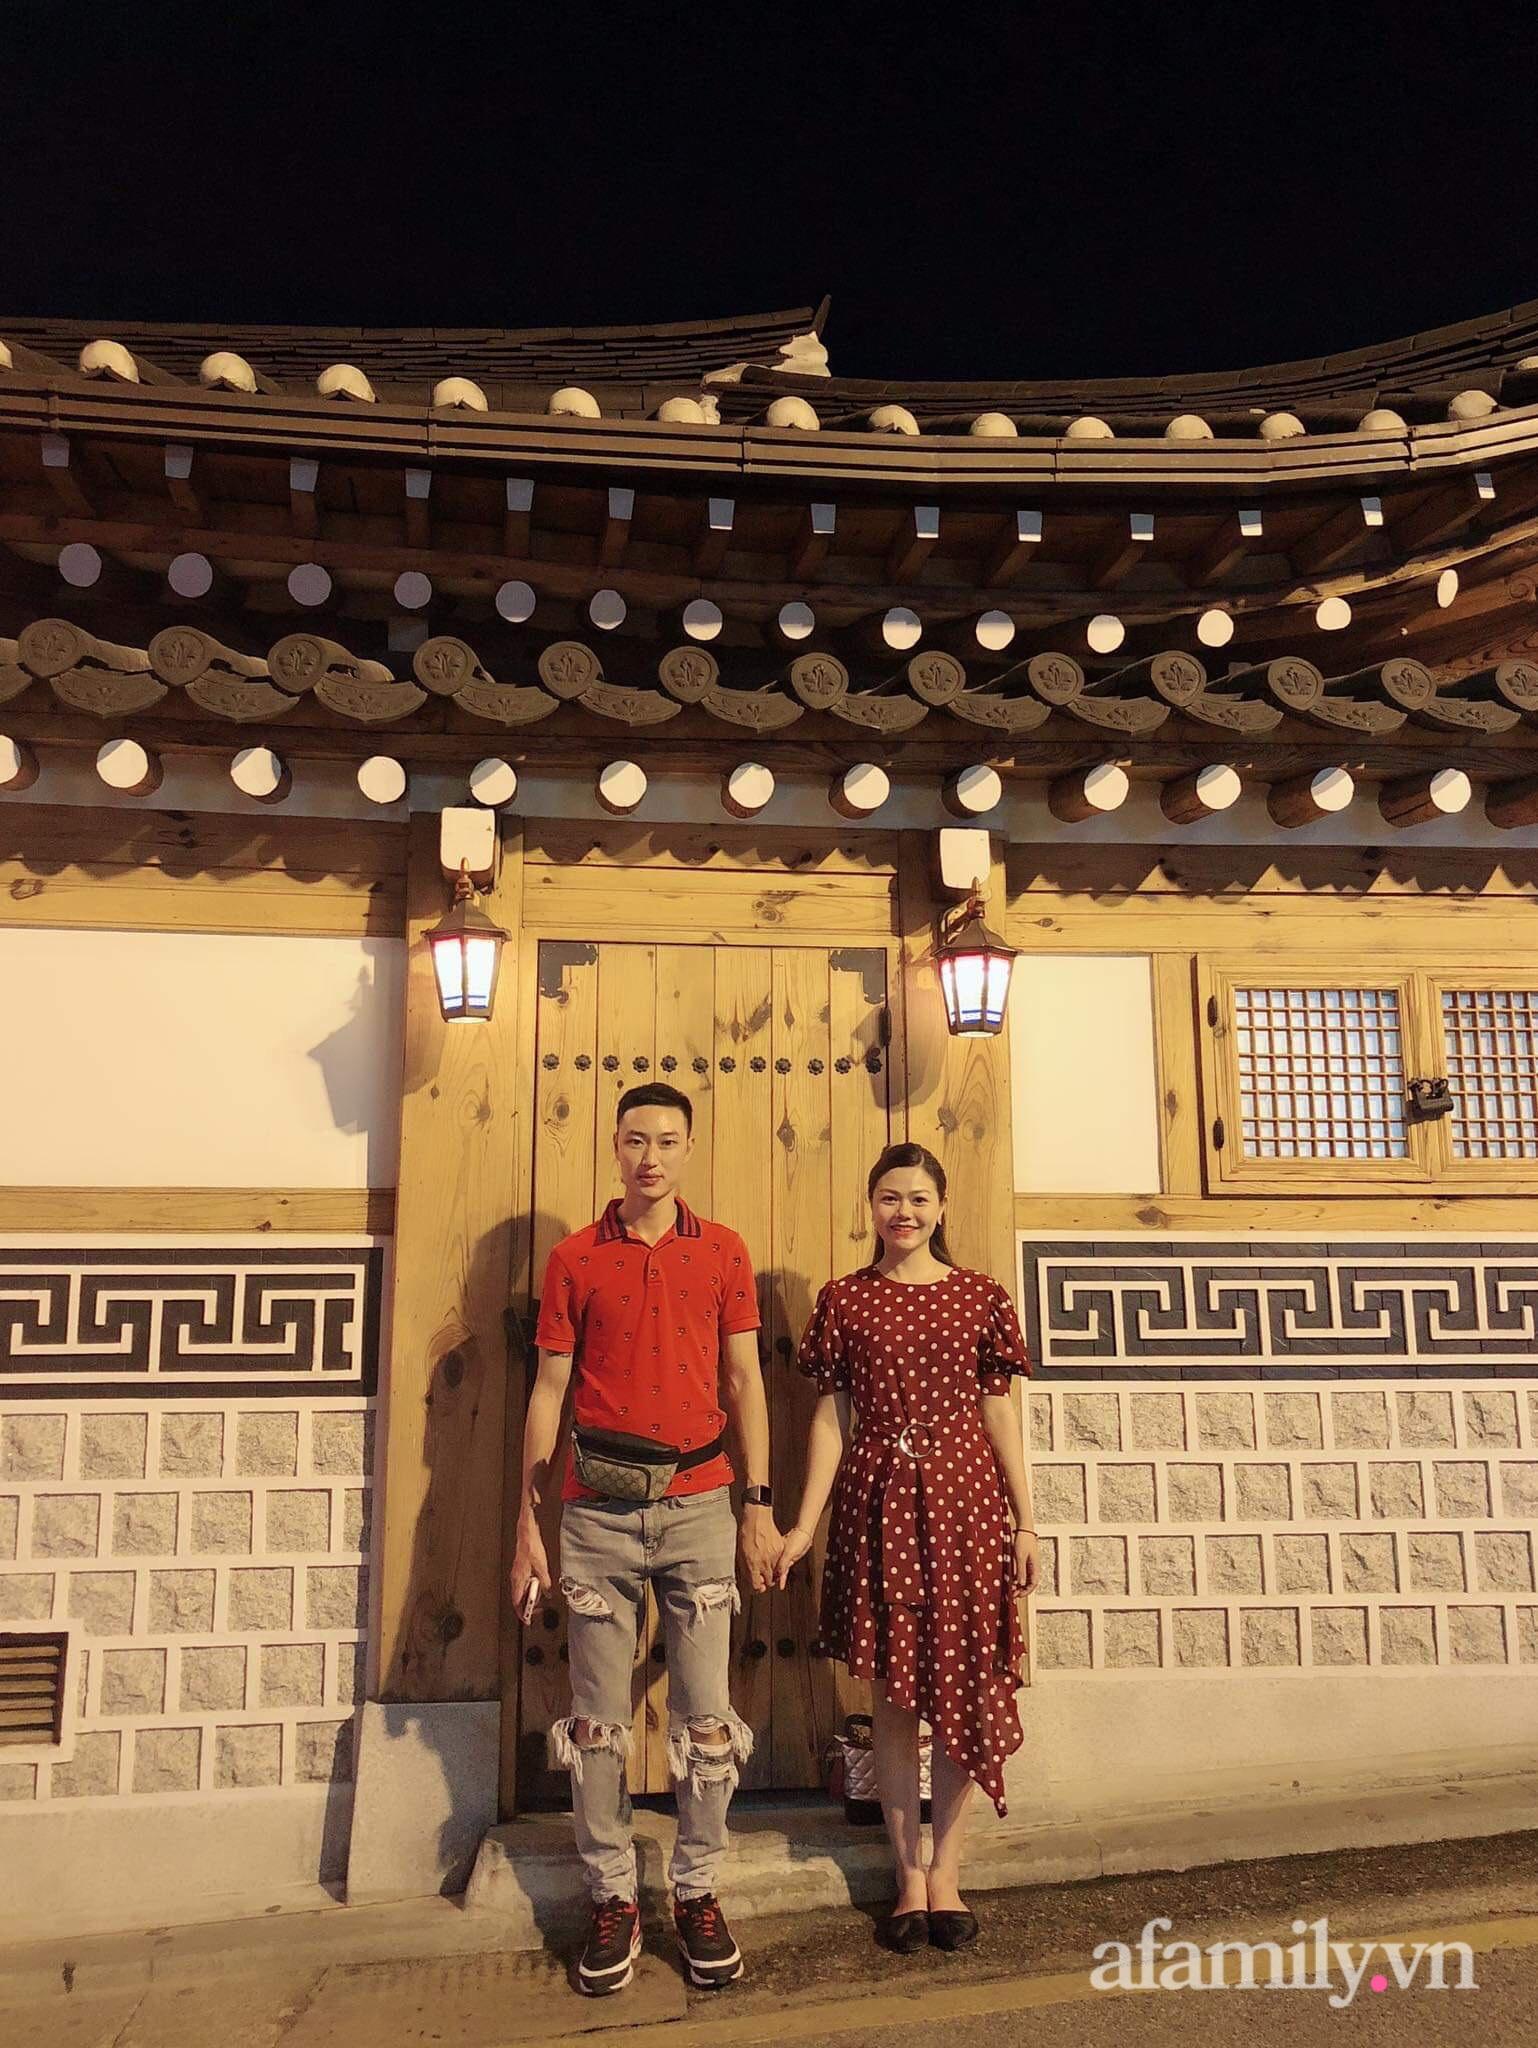 Căn hộ 92m² đong đầy hạnh phúc với nội thất đơn giản, hiện đại của vợ chồng trẻ Hà Nội - Ảnh 3.